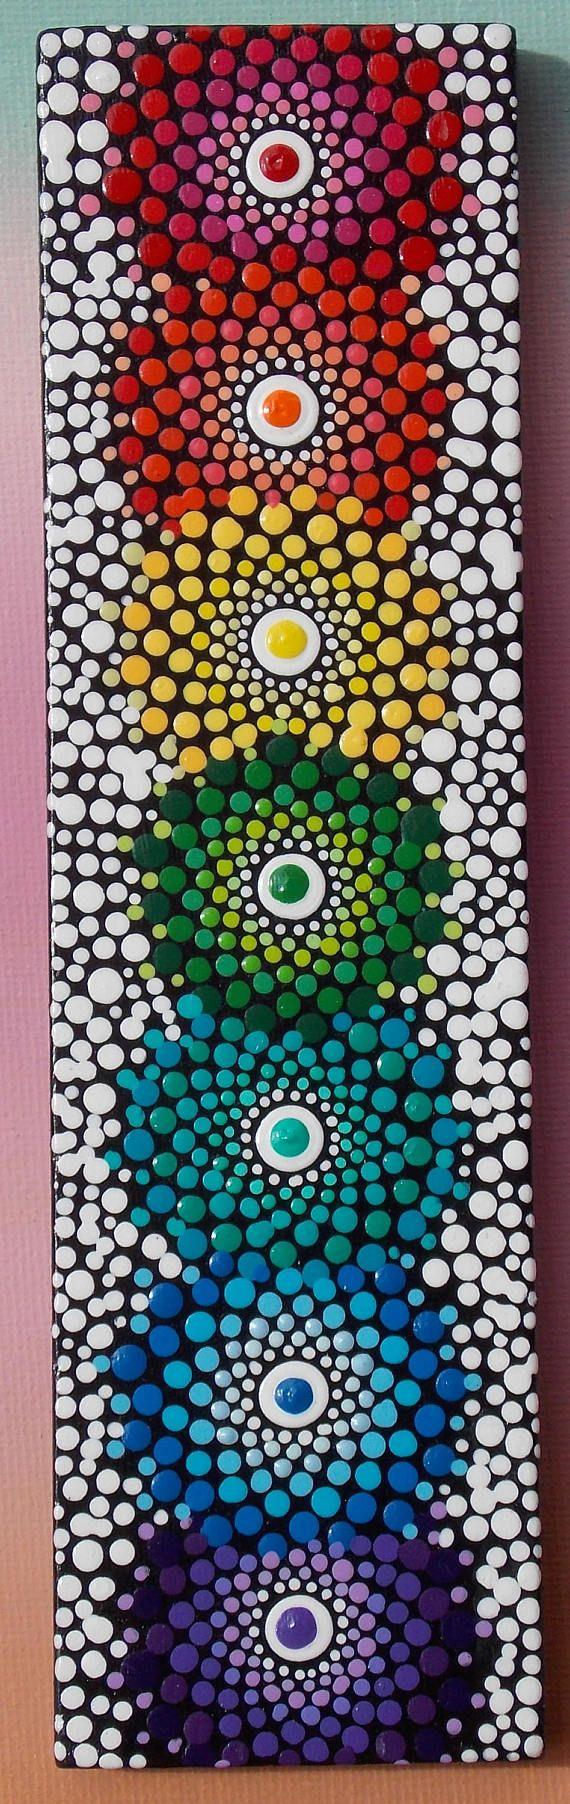 Punto de Chakra Mandala pintura sobre bloque de madera ~ ~ ~ viene con caballete para la exhibición Esta pintura mini es perfecta para espacios de meditación o añadiendo un arco iris de color y vitalidad a cualquier espacio. Pintado de 2 pulgadas por 7 pulgadas bloque de madera. Cada color en hermosos tonos a partir de un centro de luz y de la radiación hacia fuera con puntos más grandes para crear un arco iris de mandala de punto. Un fondo negro brillante y blanco acento puntos realmente…